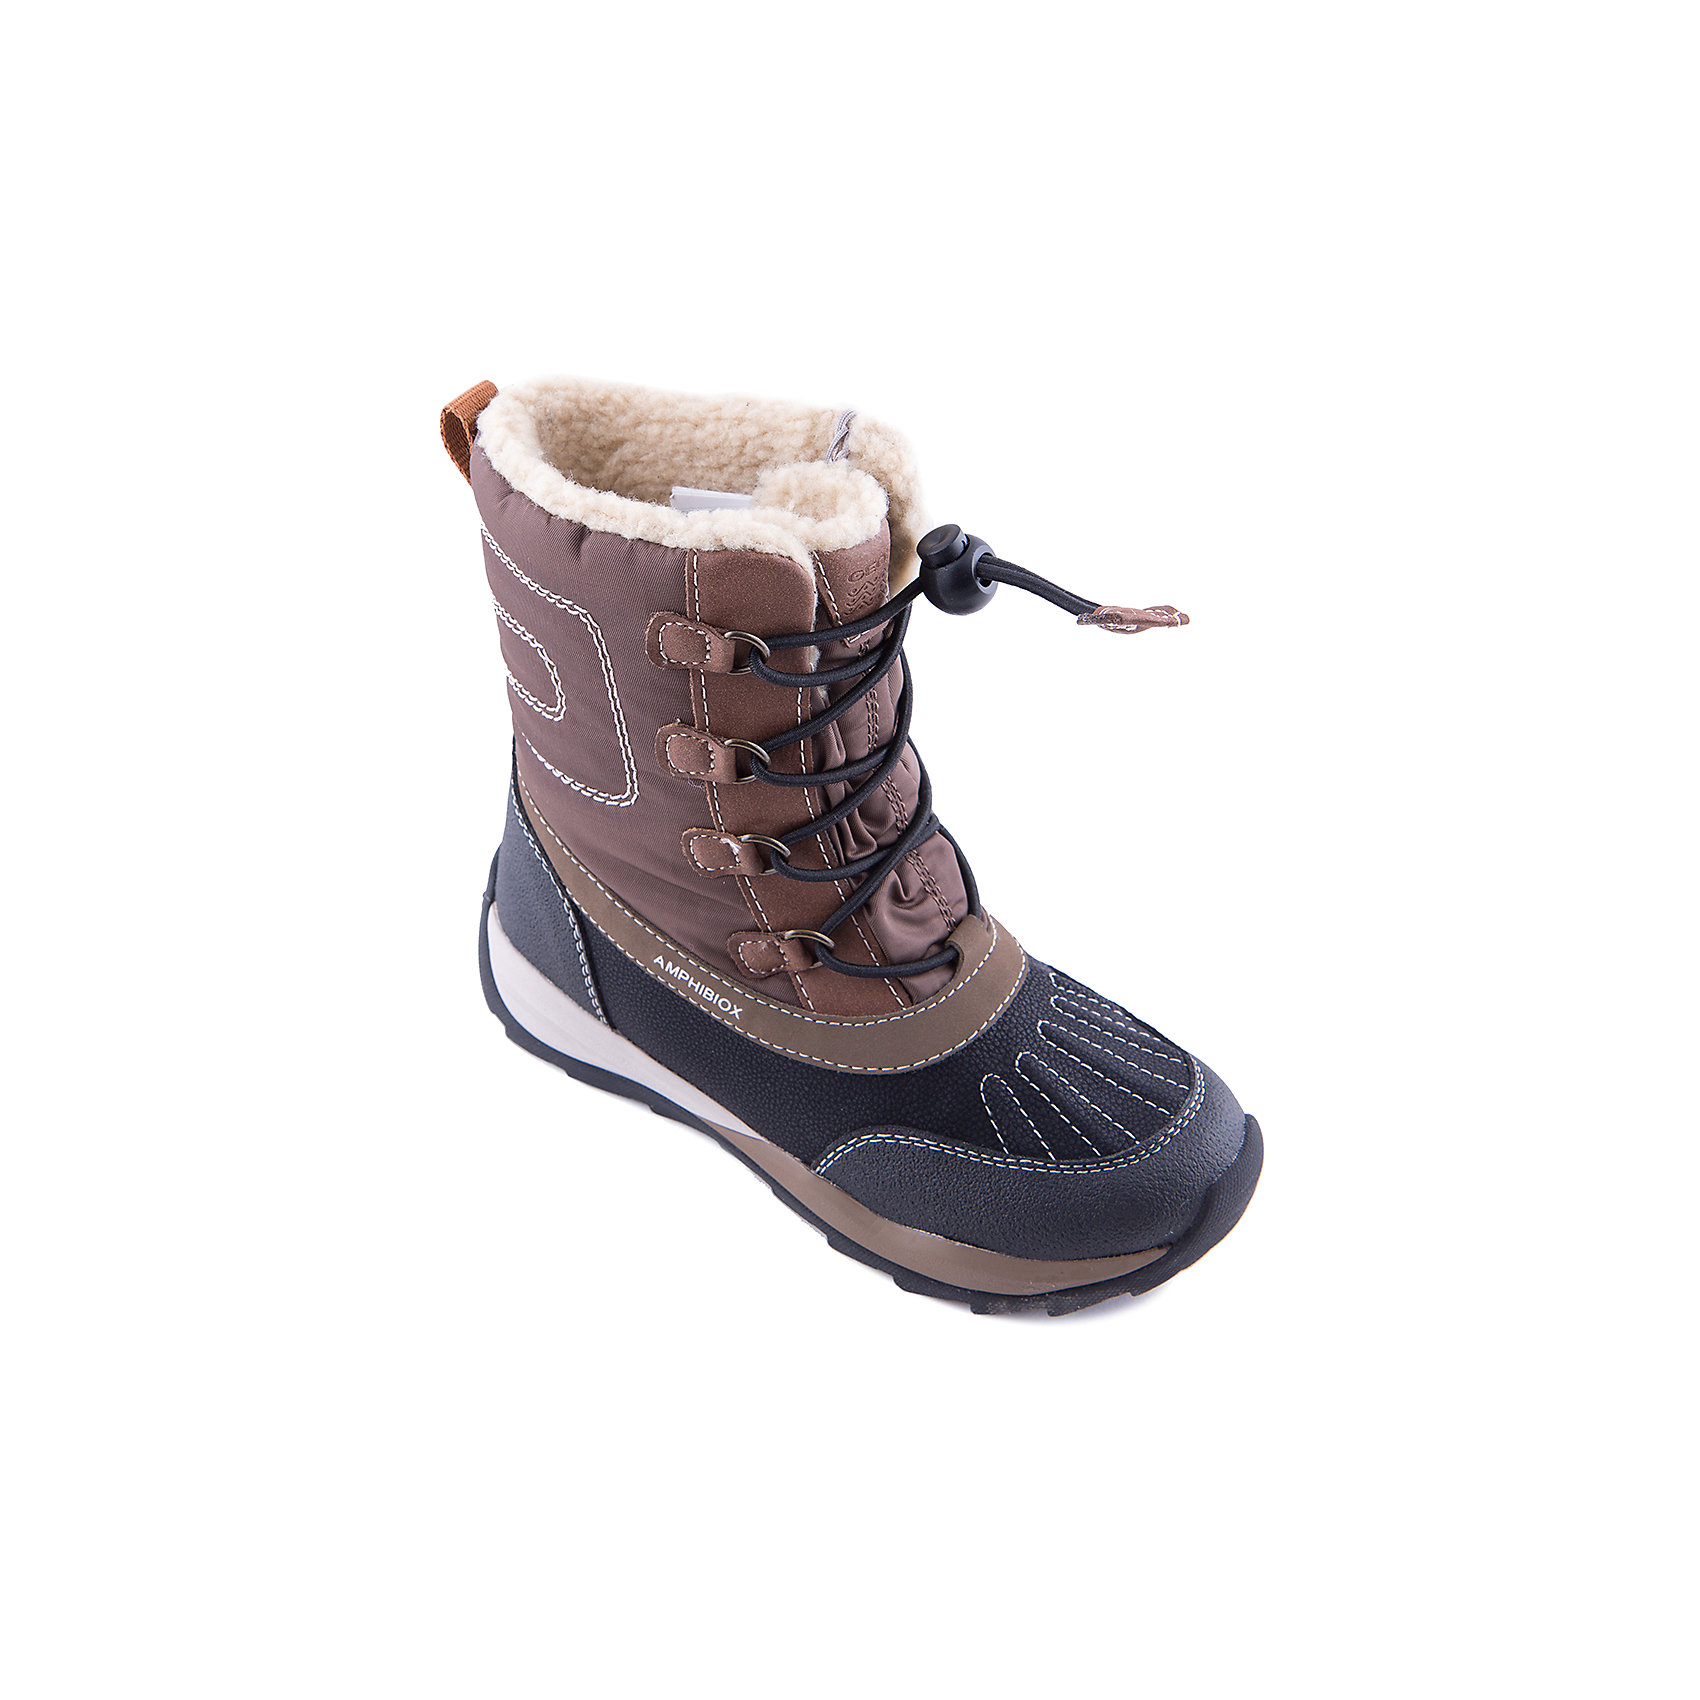 Полусапожки для мальчика GEOXПолусапоги GEOX (ГЕОКС)<br>Полусапоги от GEOX (ГЕОКС), выполненные из искусственной кожи и прочного текстиля, идеально подходят для холодной погоды. Плотная мягкая подкладка из искусственного меха согревает чувствительные детские ноги. Текстильная стелька улучшает тепловое сопротивление в холодных условиях, повышая температуру внутри обуви. Влага не застаивается в обуви, благодаря чему создается идеальный микроклимат, который держит ноги теплыми и сухими, и позволяет им дышать естественно. Колодка соответствует анатомическим особенностям строения детской стопы. Качественная амортизация снижает нагрузку на суставы. Запатентованная гибкая перфорированная подошва со специальной микропористой мембраной обеспечивает естественное дыхание обуви, не пропускает воду, не скользит. Модель имеет усиленный мыс и функциональную шнуровку.<br><br>Дополнительная информация:<br><br>- Сезон: зима<br>- Цвет: черный, коричневый<br>- Материал верха: искусственная кожа, текстиль<br>- Внутренний материал: искусственный мех<br>- Материал стельки: текстиль<br>- Материал подошвы: резина<br>- Тип застежки: шнуровка<br>- Высота голенища/задника: 13,5 см.<br>- Технология Amphibiox<br>- Материалы и продукция прошли специальную проверку T?V S?D, на отсутствие веществ, опасных для здоровья покупателей<br><br>Полусапоги GEOX (ГЕОКС) можно купить в нашем интернет-магазине.<br><br>Ширина мм: 257<br>Глубина мм: 180<br>Высота мм: 130<br>Вес г: 420<br>Цвет: коричневый<br>Возраст от месяцев: 48<br>Возраст до месяцев: 60<br>Пол: Мужской<br>Возраст: Детский<br>Размер: 28,37,28,29,29,27,27,34,32,30,31,33,35,36,38<br>SKU: 4178420